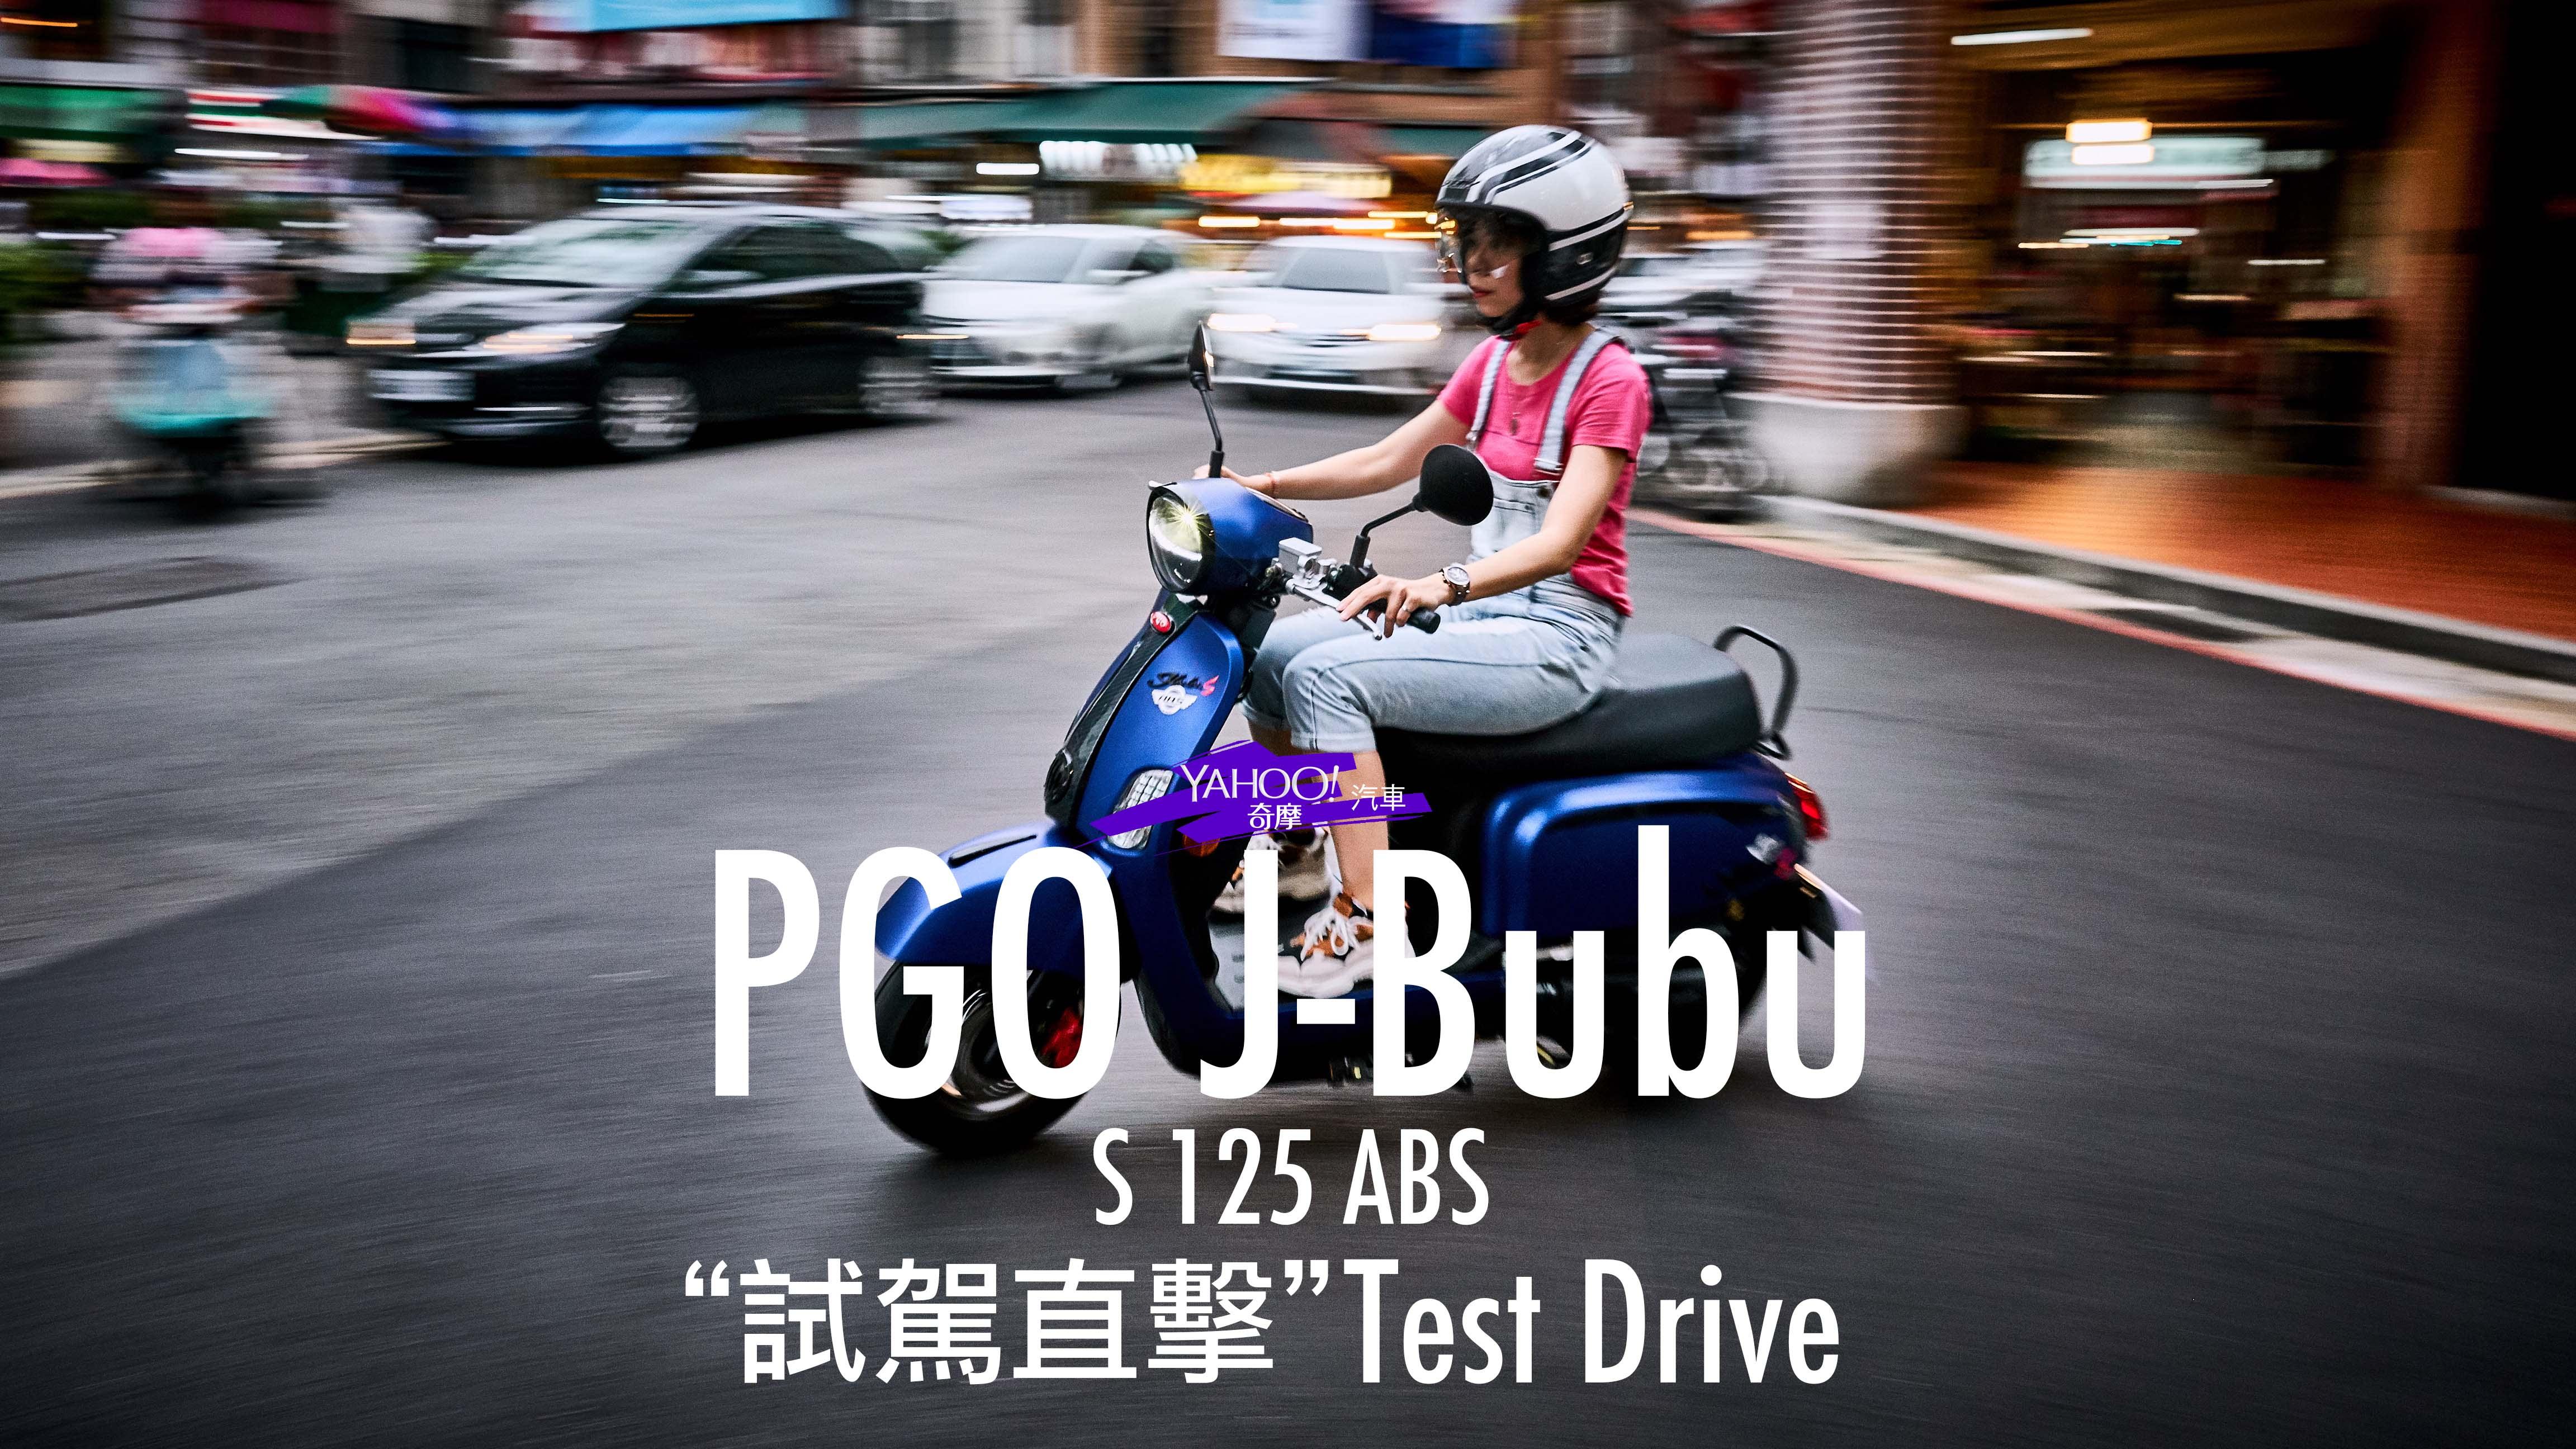 【試駕直擊】安全的同時可以多點繽紛花漾!PGO J-BuBu S 125 ABS都會試駕